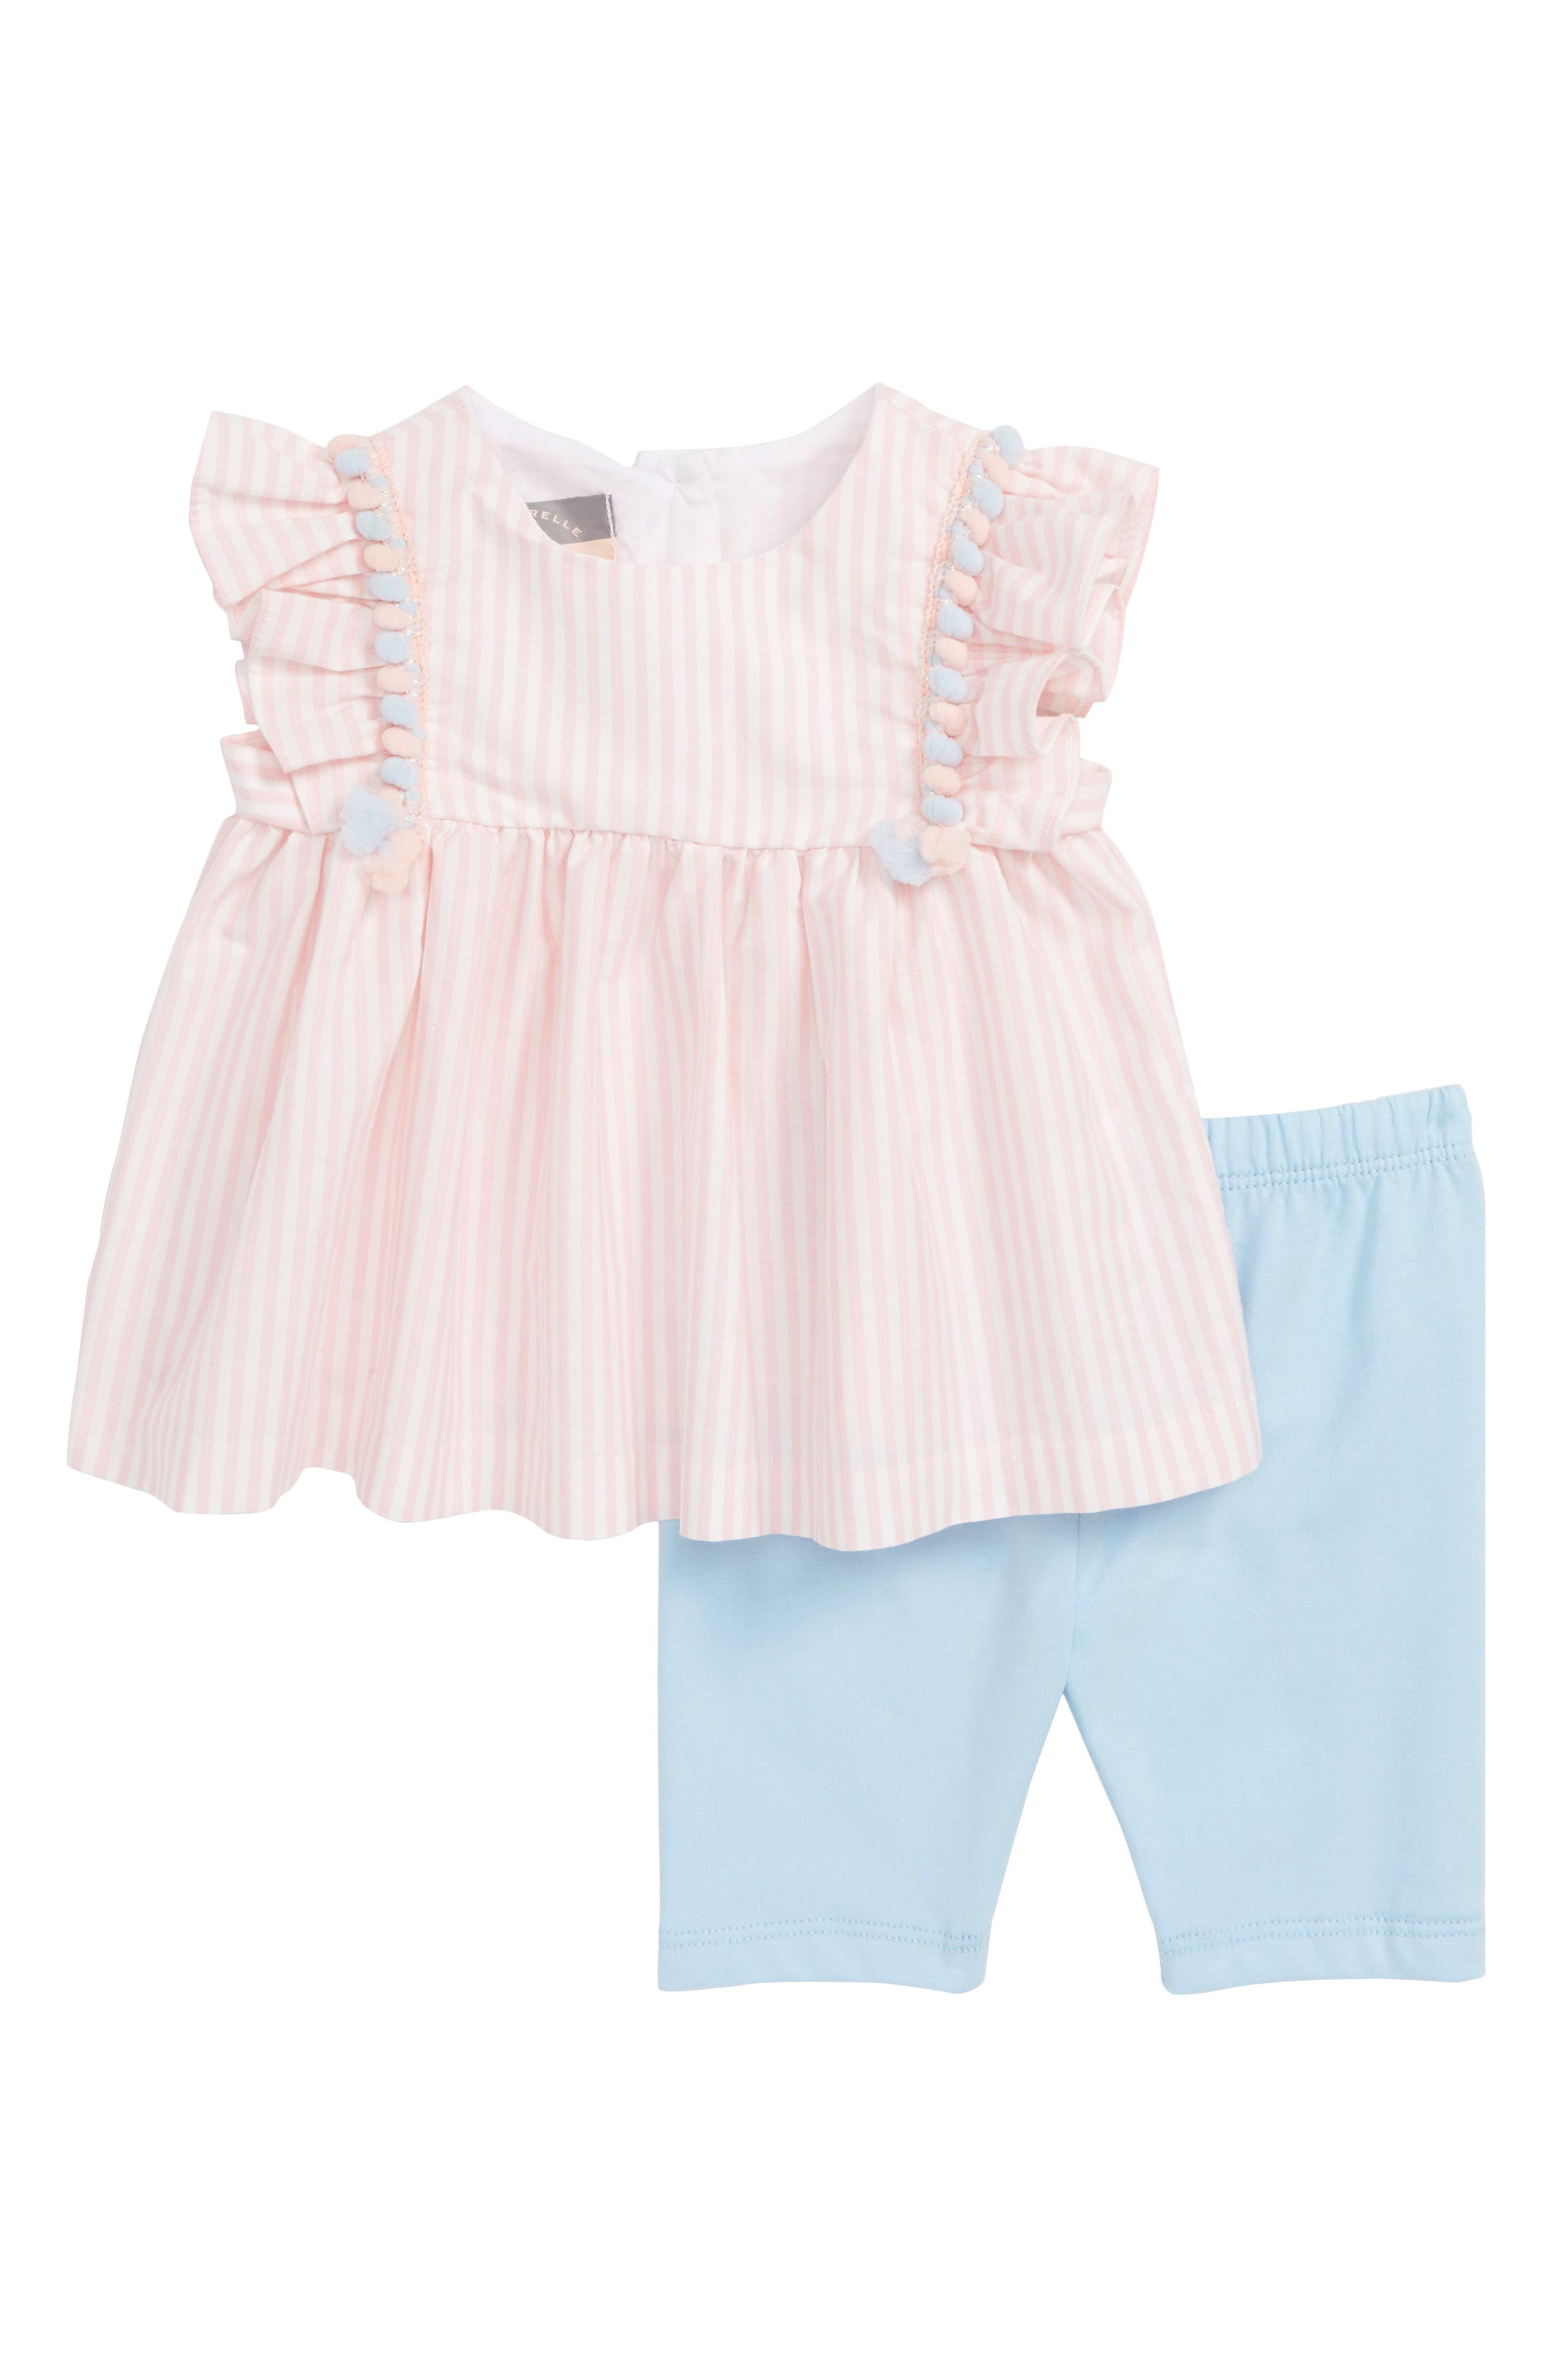 Flutter Sleeve Top & Crop Leggings Set, Main, color, PINK/ BLUE